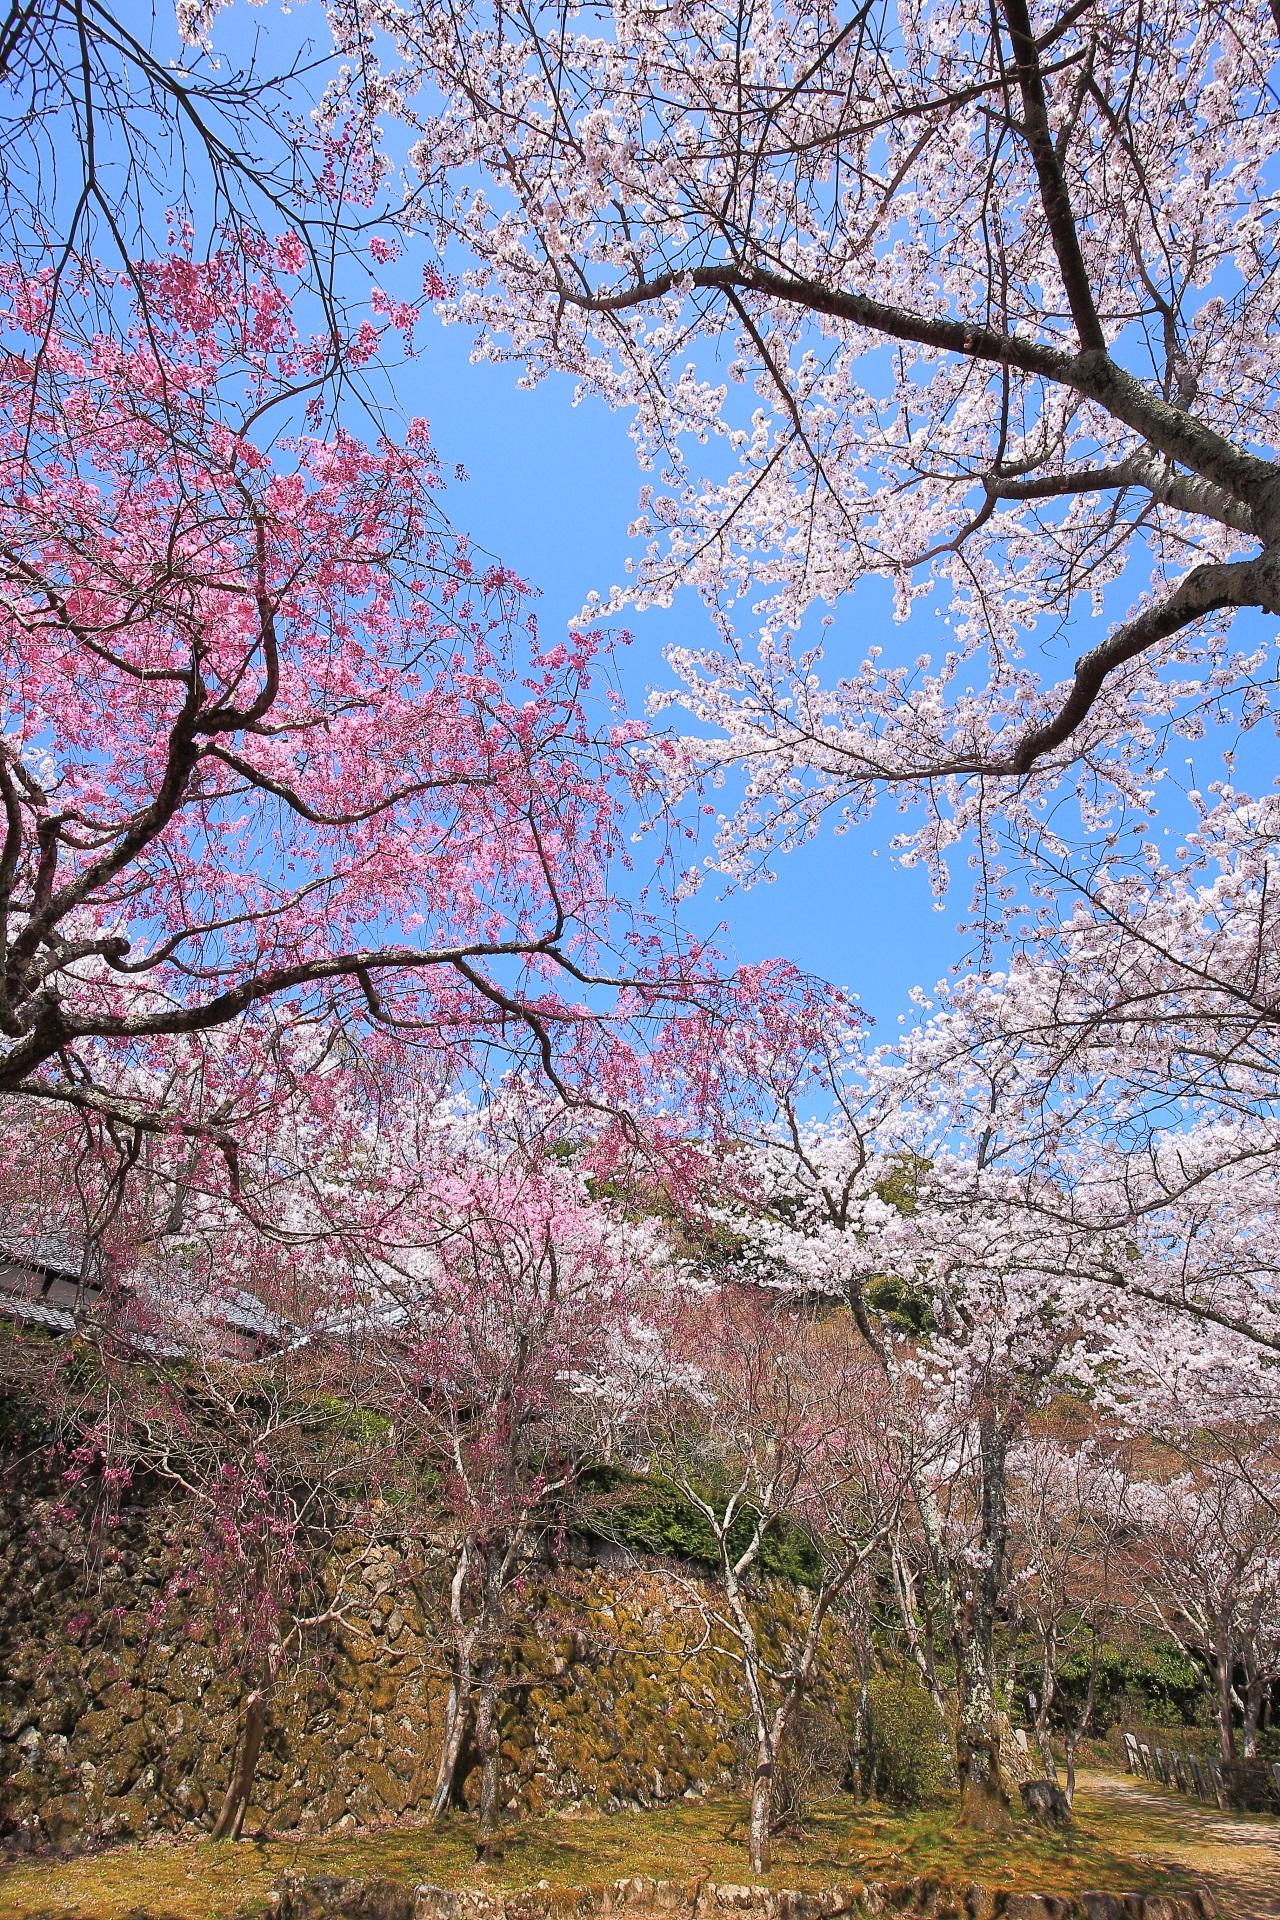 勝持寺の素晴らしい桜や春の情景